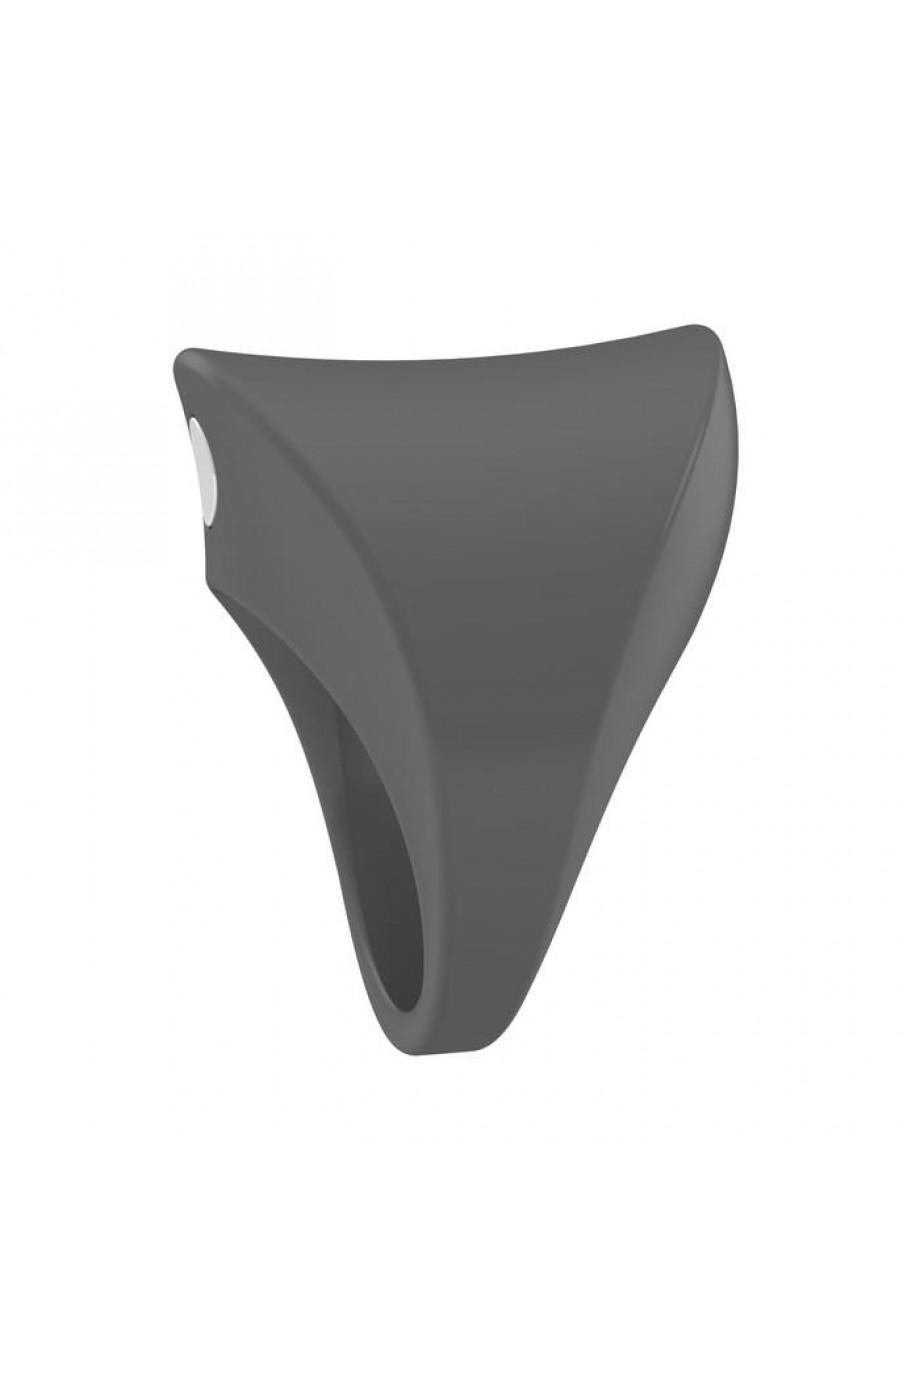 Эрекционное кольцо OVO закругленной формы с ультрасильной вибрацией, силиконовое, серое